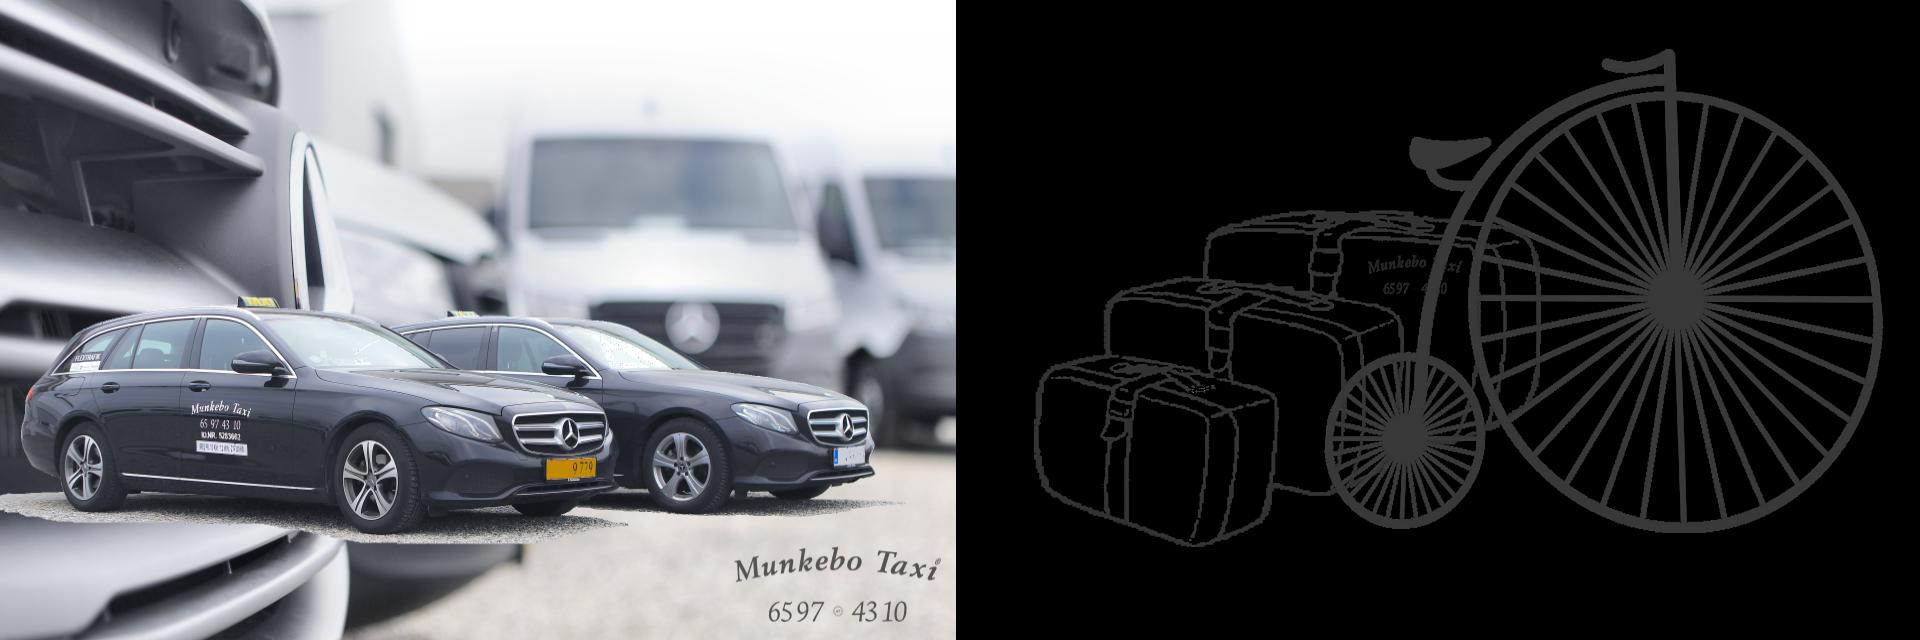 Om priser & booking - side - Munkebo Taxi - MT - https://www.munkebotaxi.dk ©